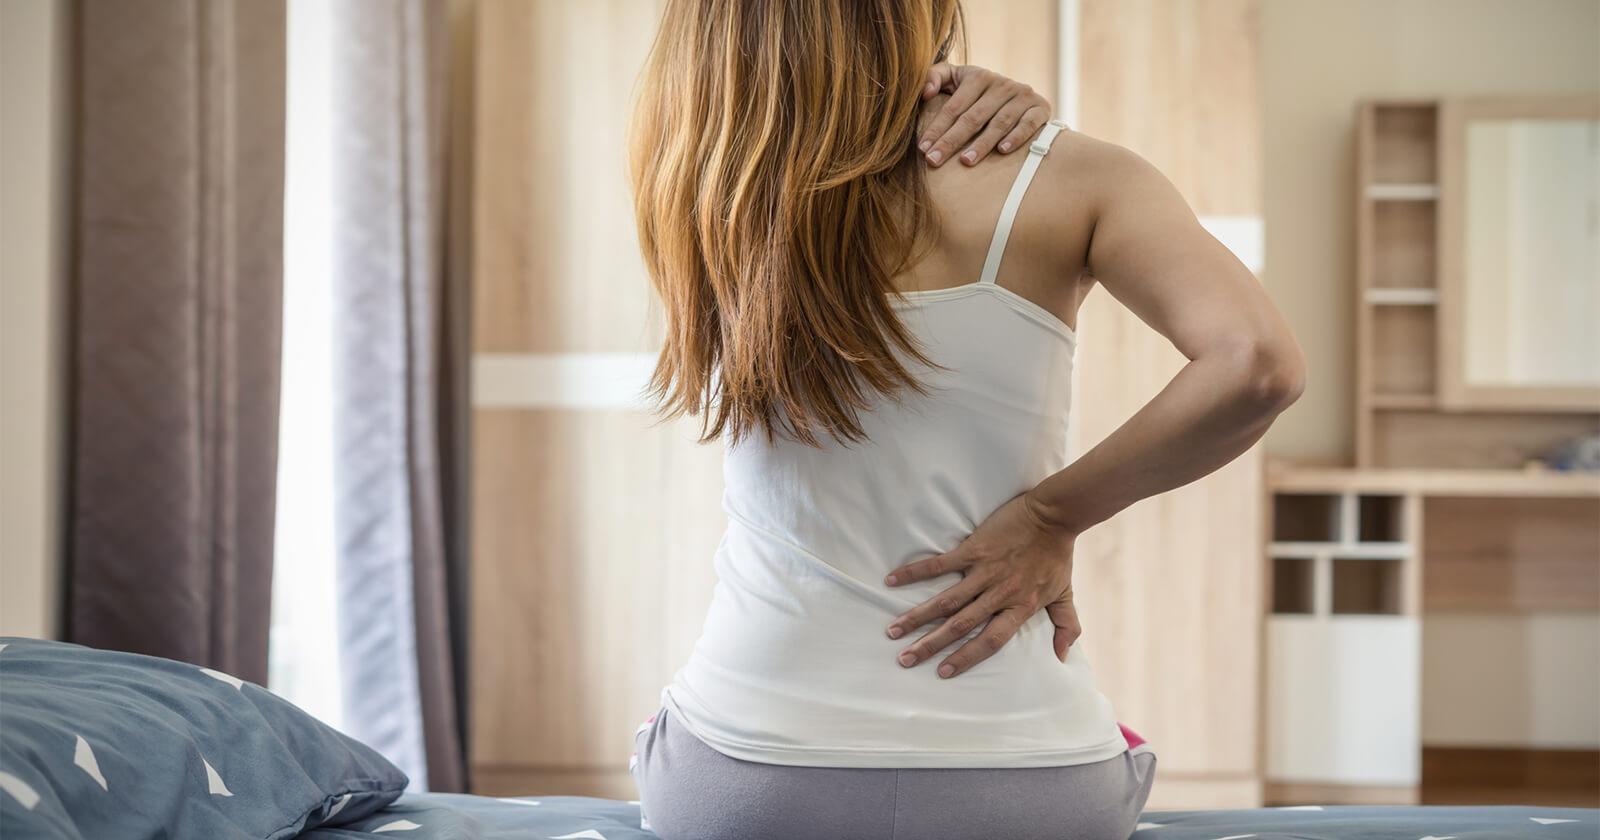 Rückenschmerzen - Überblick zu Auslösern, Folgen & Behandlung